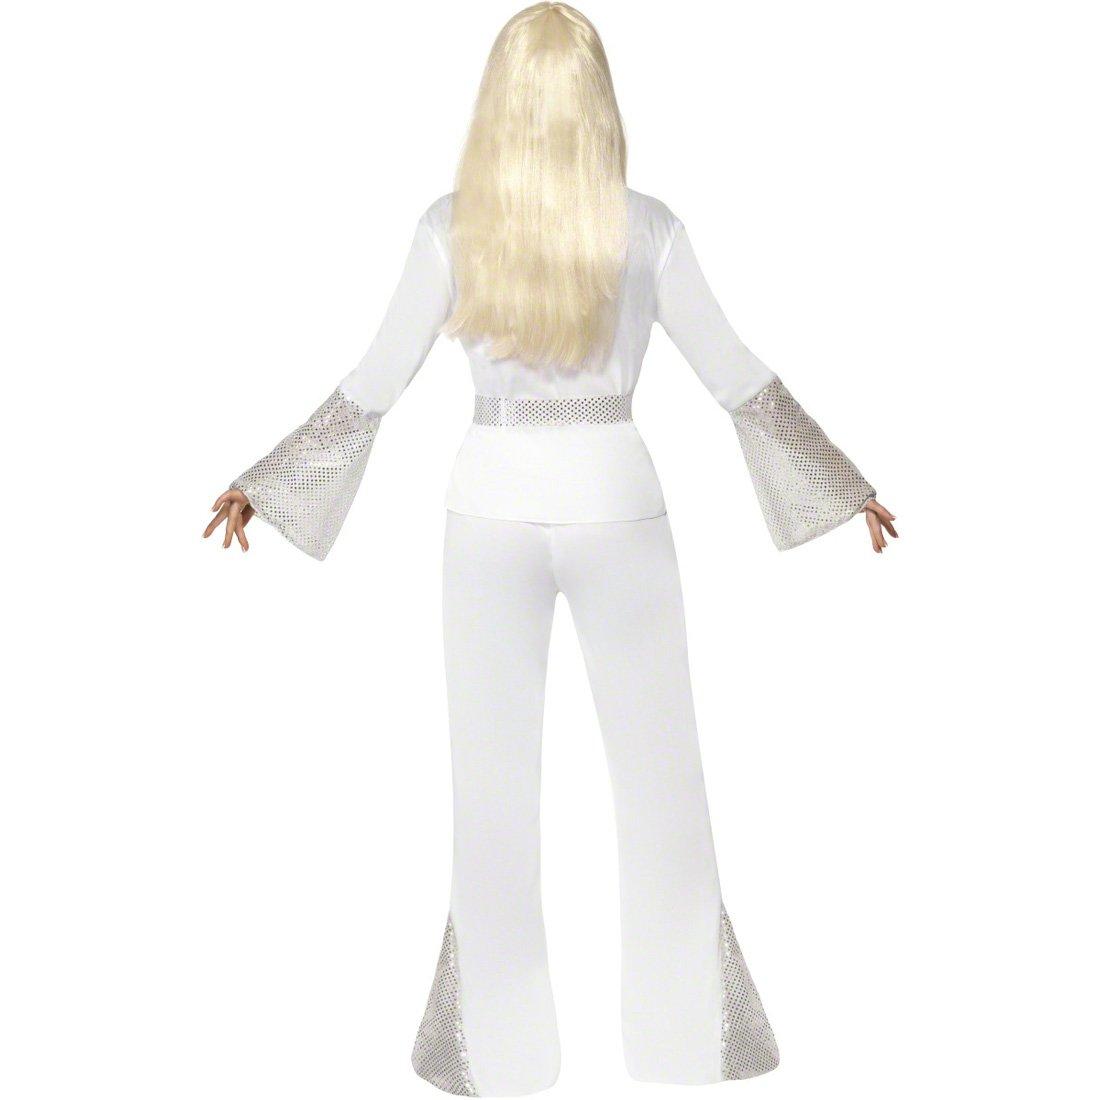 Baile de disfraces blanco M 40/42 disfraz traje danza traje de ...